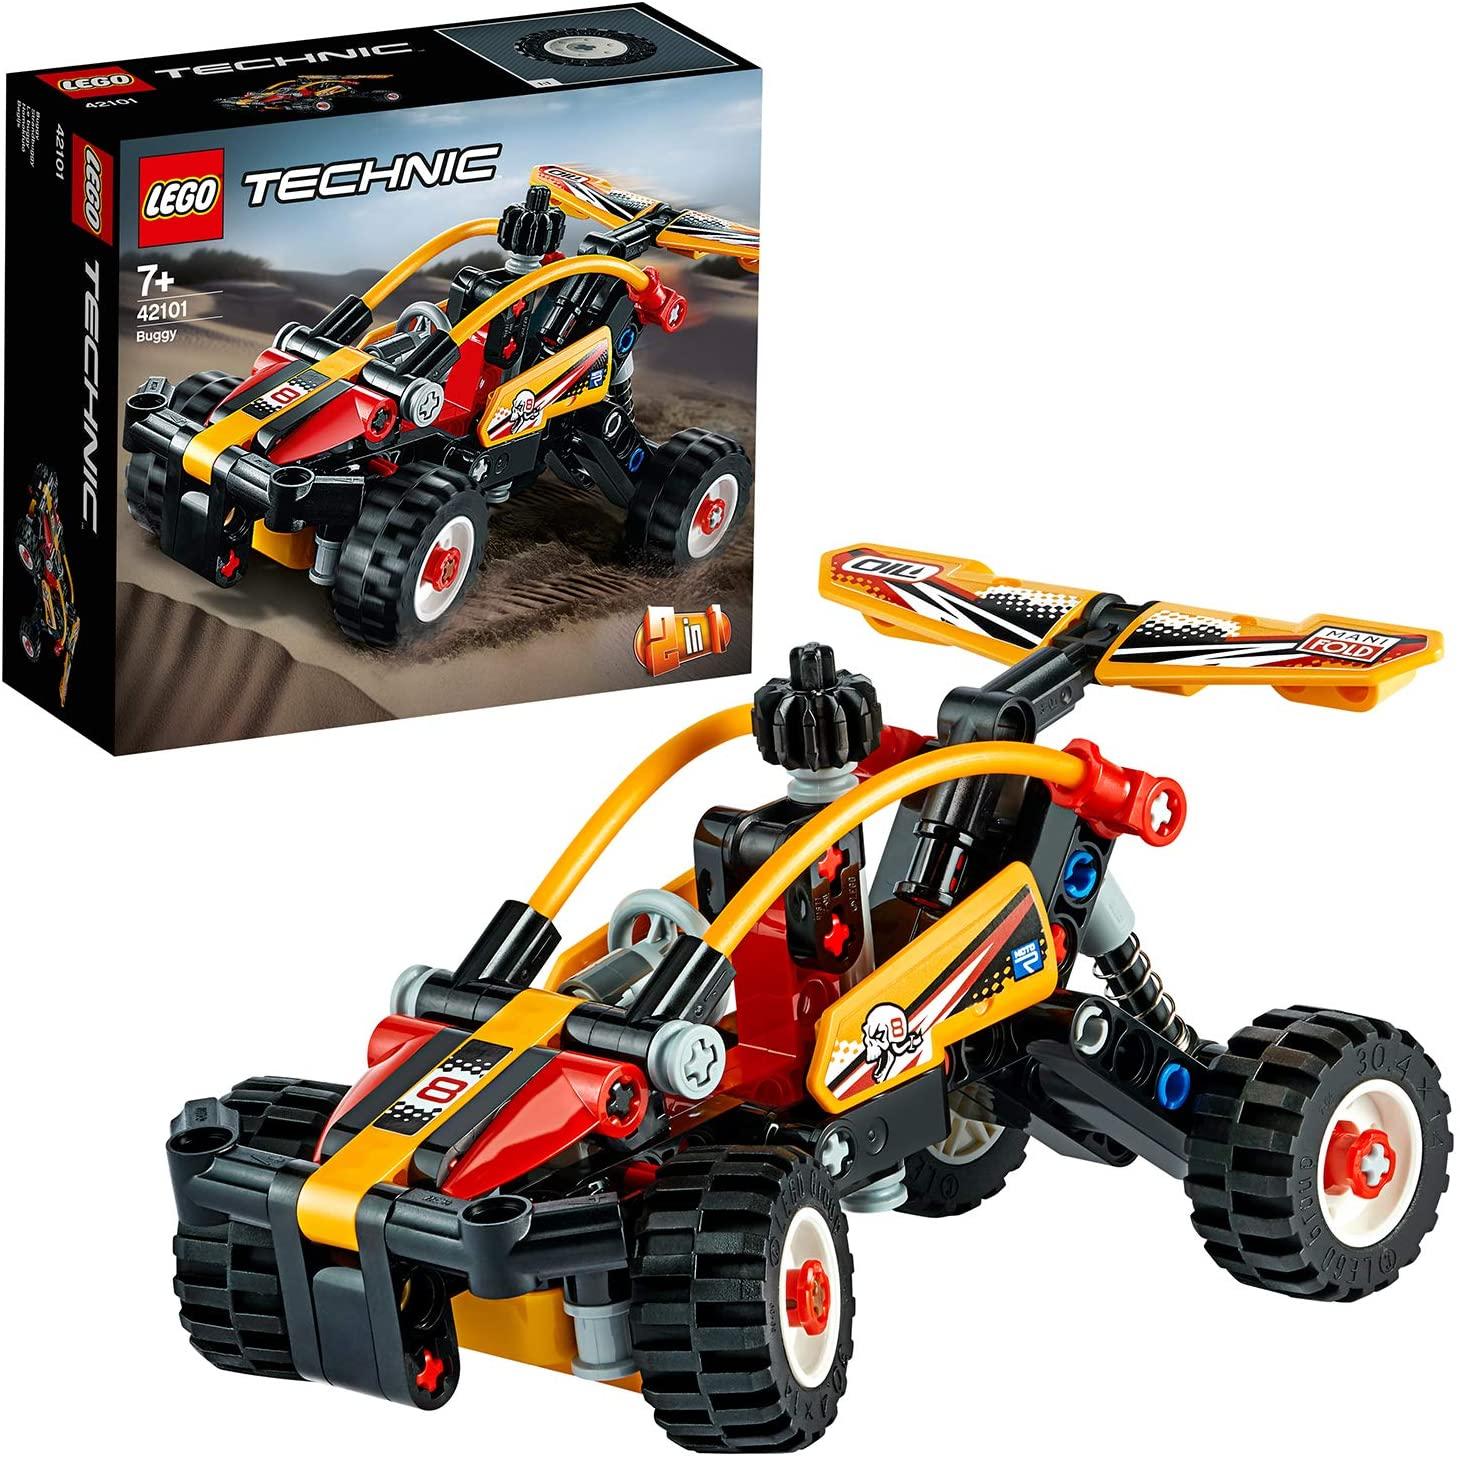 LEGO Technic - Buggy, Set de Construcción 2 en 1 de Coche de Carreras y Todoterreno de Exploración Naranja con Sistema de Suspensión